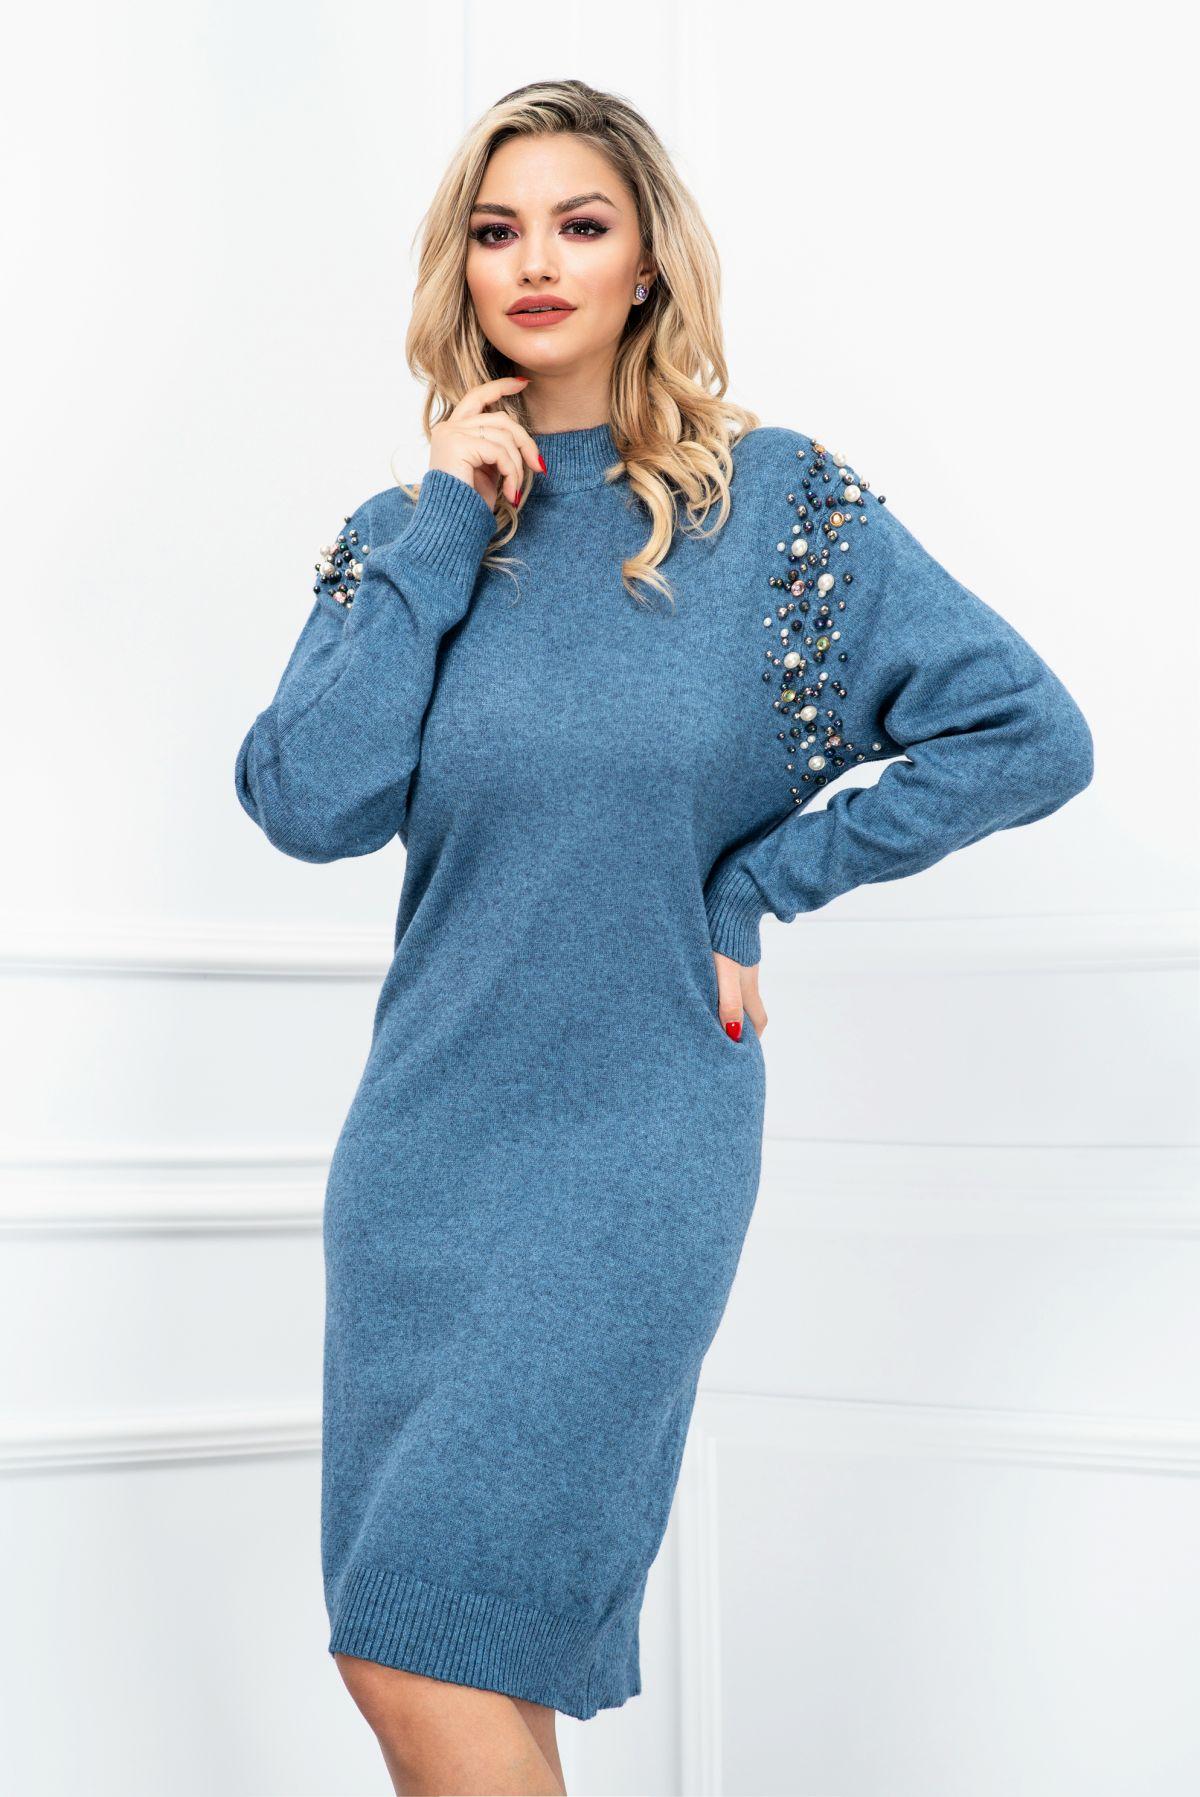 Rochie lejera bleu din tricot accesorizata cu perle si strasuri InPuff-Young